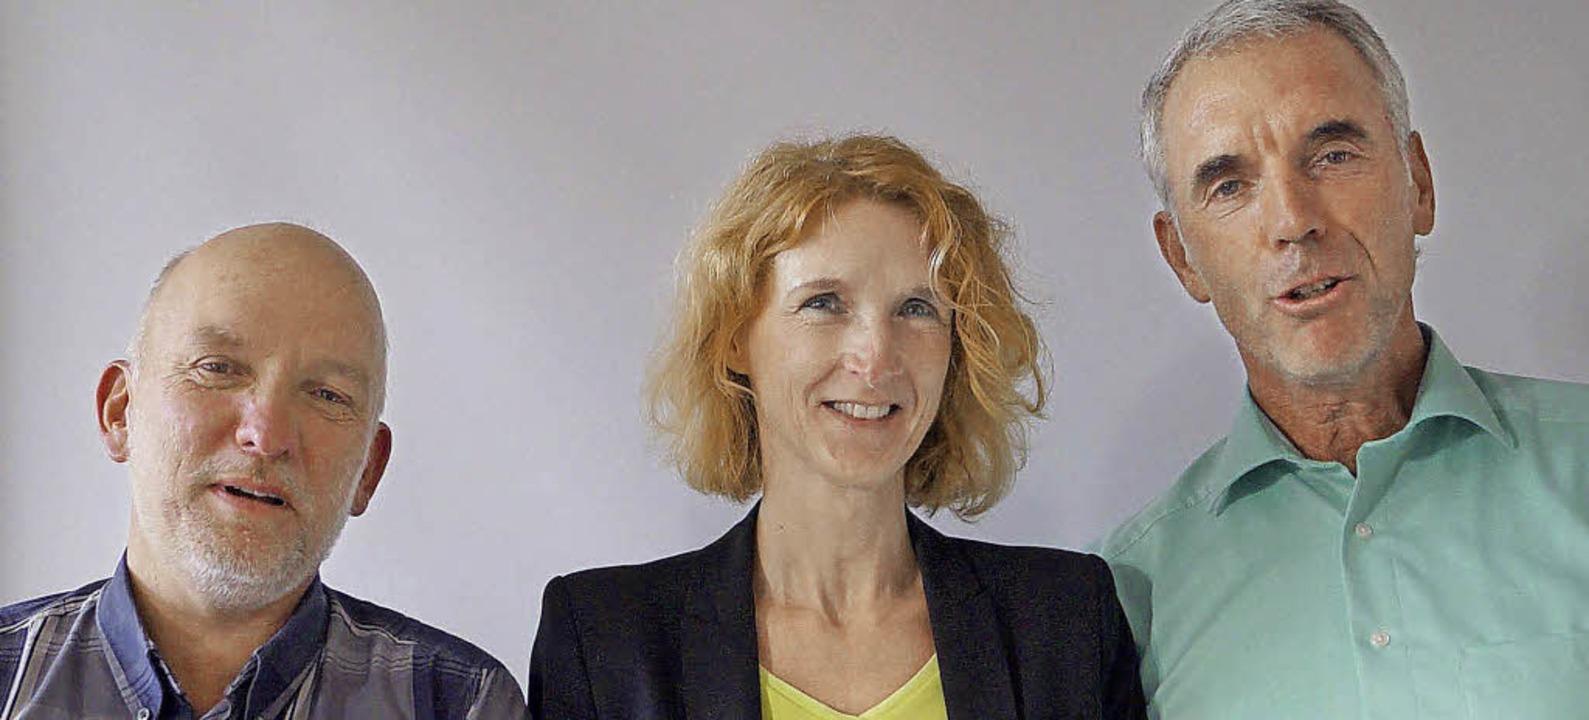 Moick, Meier, Merstetter (von links) führen den Verband.   | Foto: Hartenstein